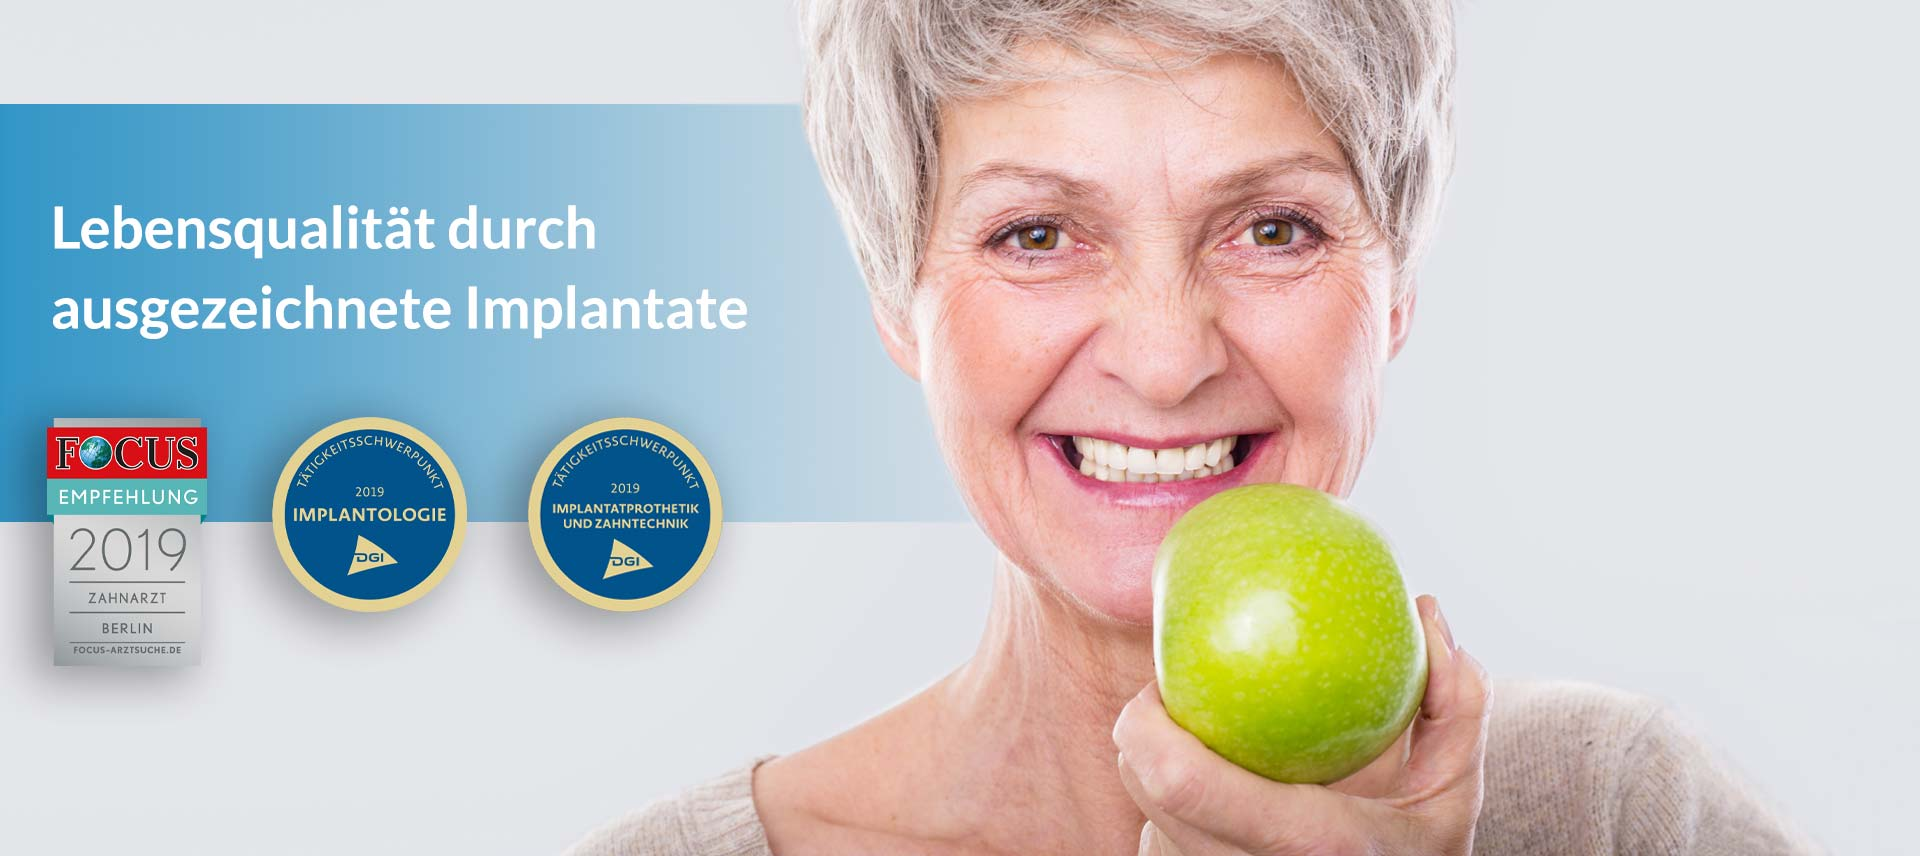 Zahnärzte-Zentrum Zehlendorfer Welle Implantate - Strahlend neue Zähne von zertifizierten Profis.